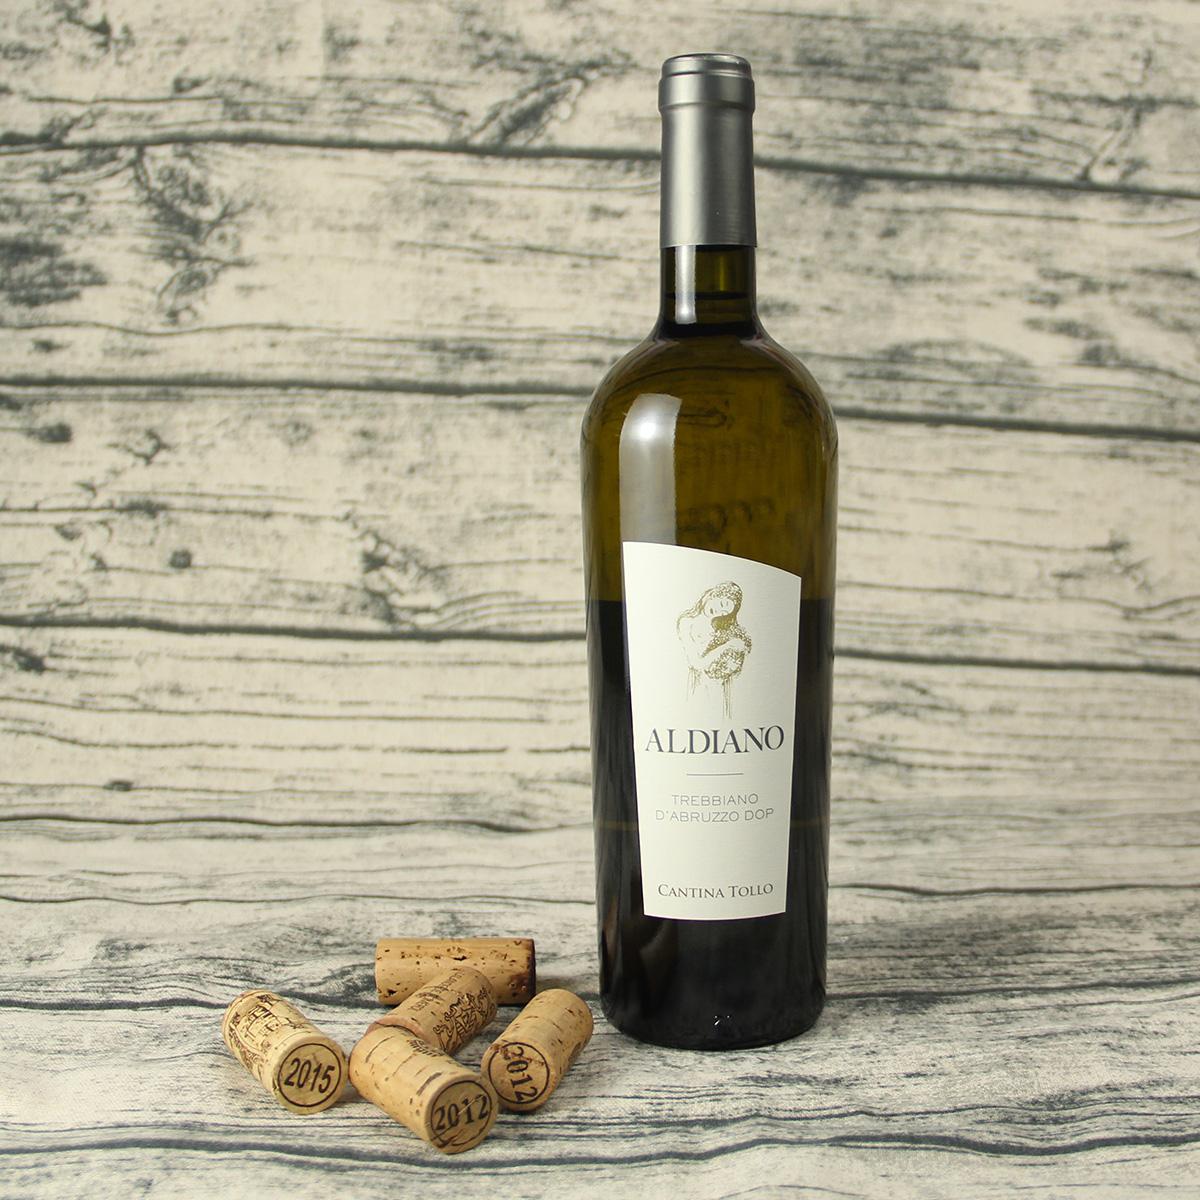 意大利阿布鲁佐CANTINA TOLLO特雷比奥罗霞多丽埃尔戴奥DOP干白葡萄酒